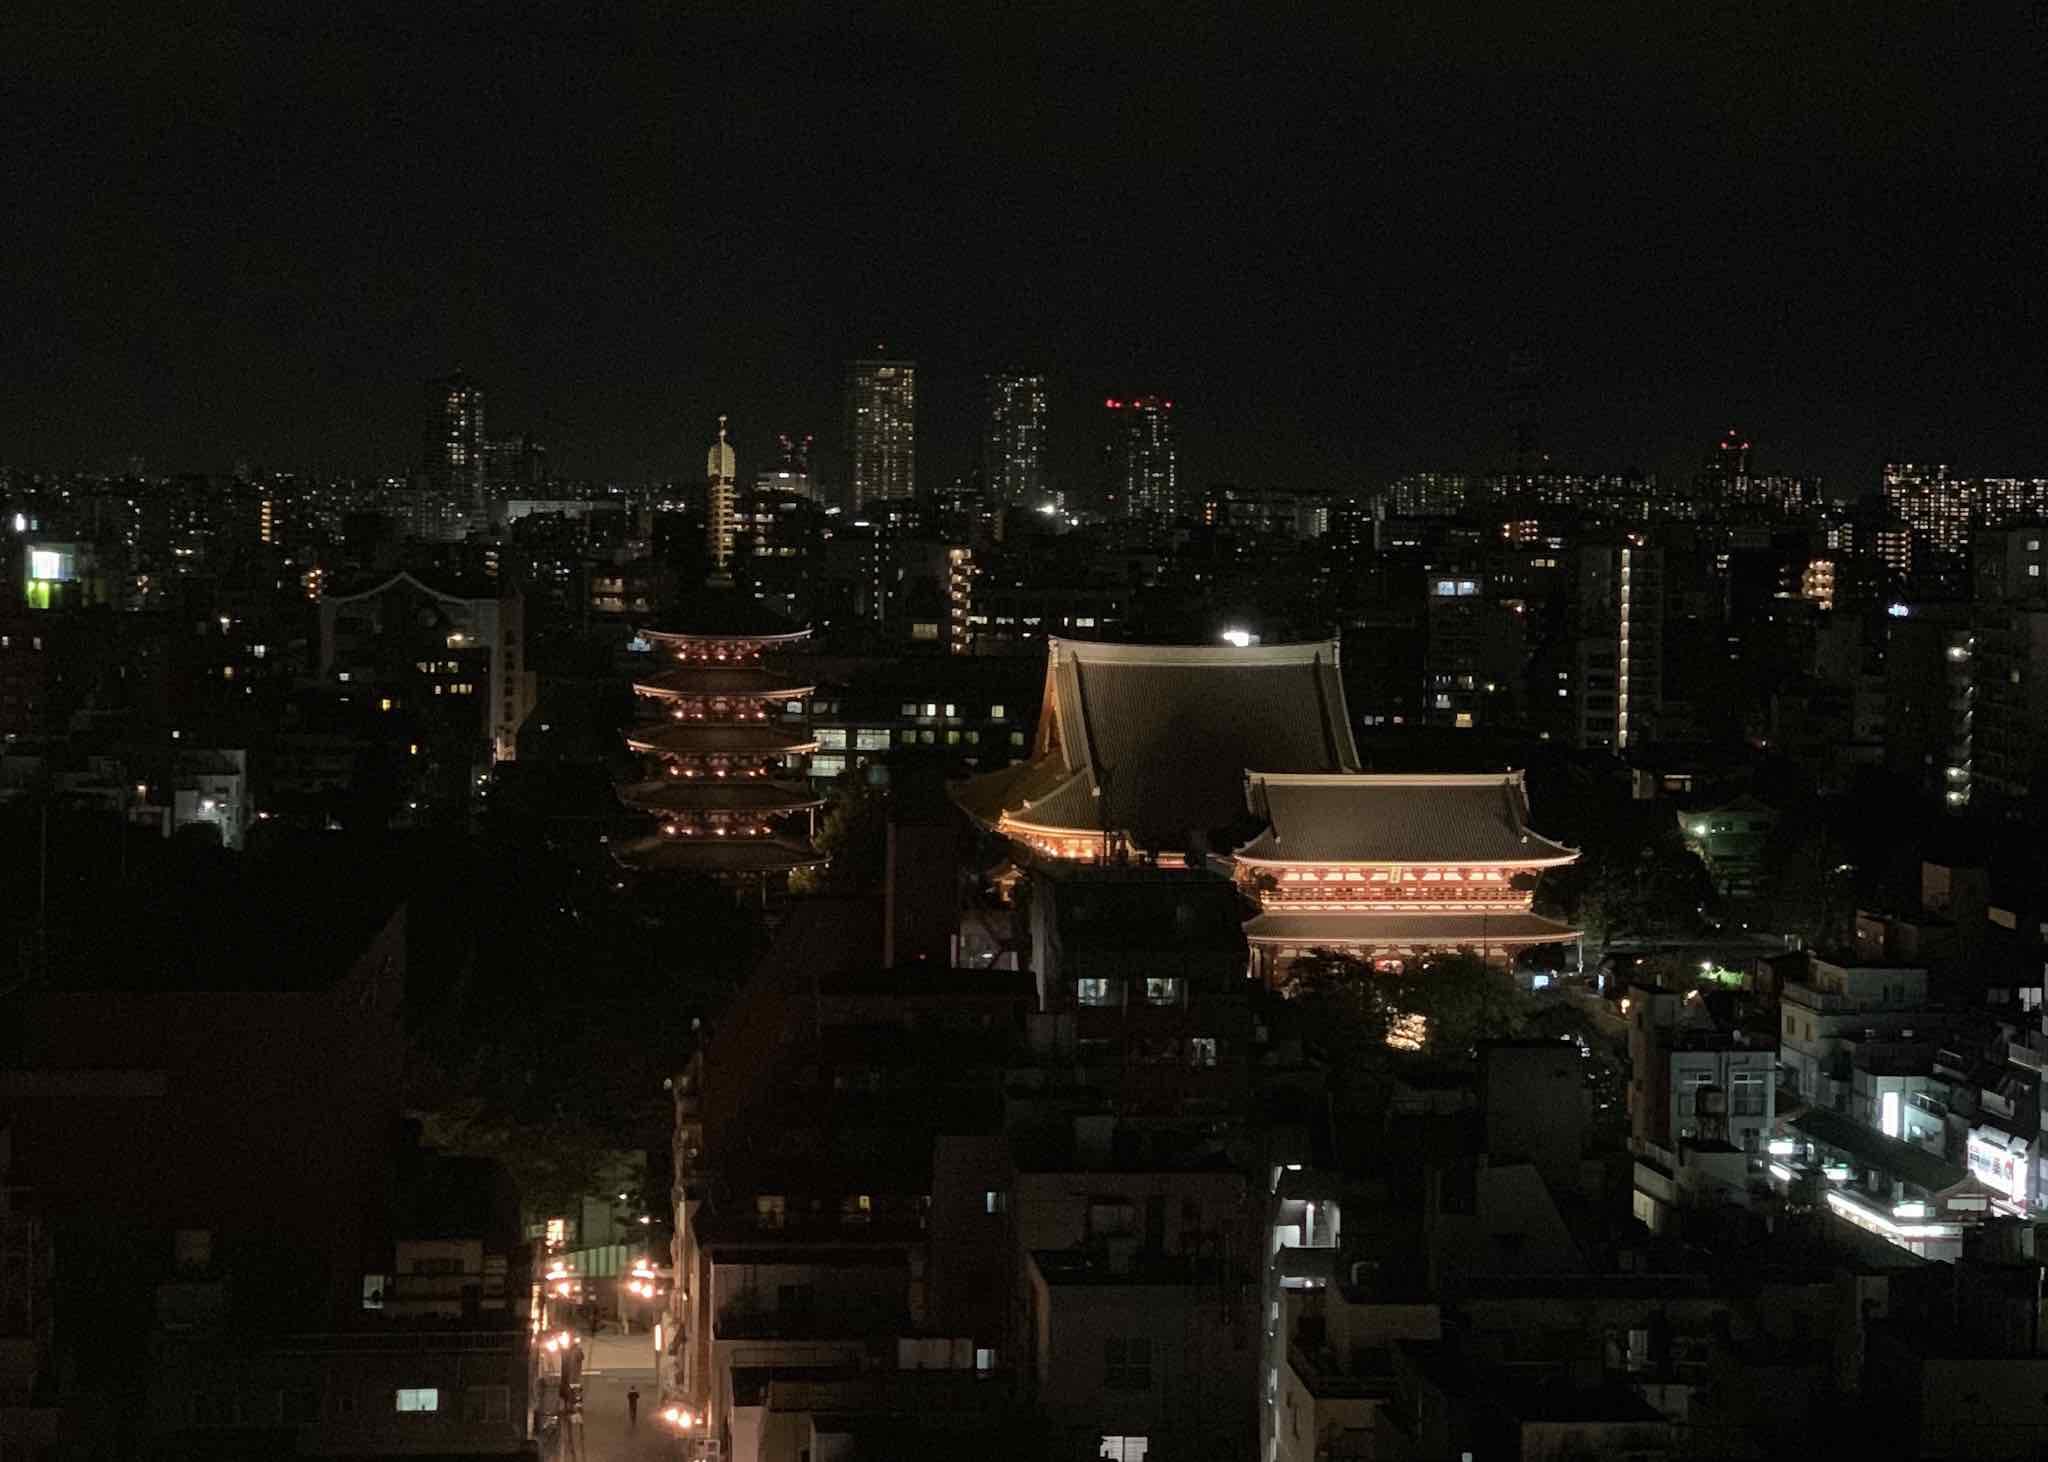 Melhor_Hotel_em_Tóquio_Asakusa_TheGate_VistaNoturna